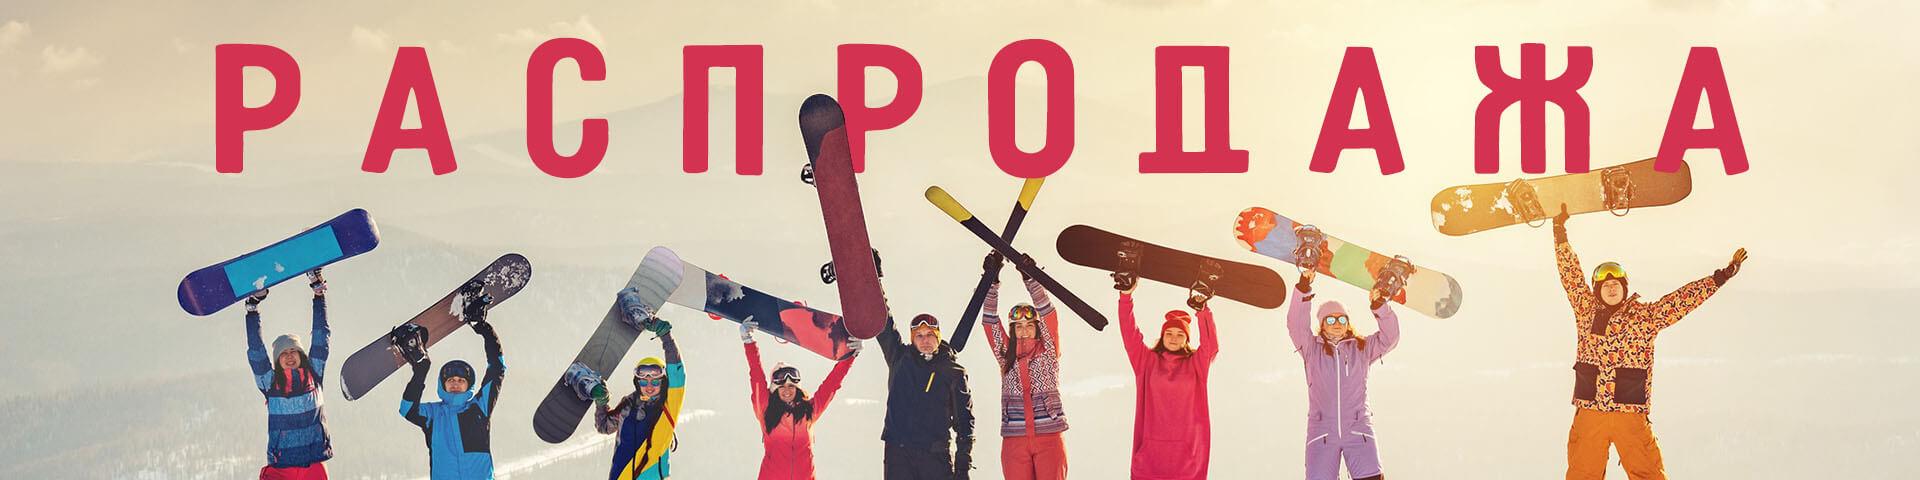 распродажа комбинезонов, сноубордов, горных лыж, ботинок для сноуборда, ботинок для горных лыж, велосипедов, скейтов, самокатов